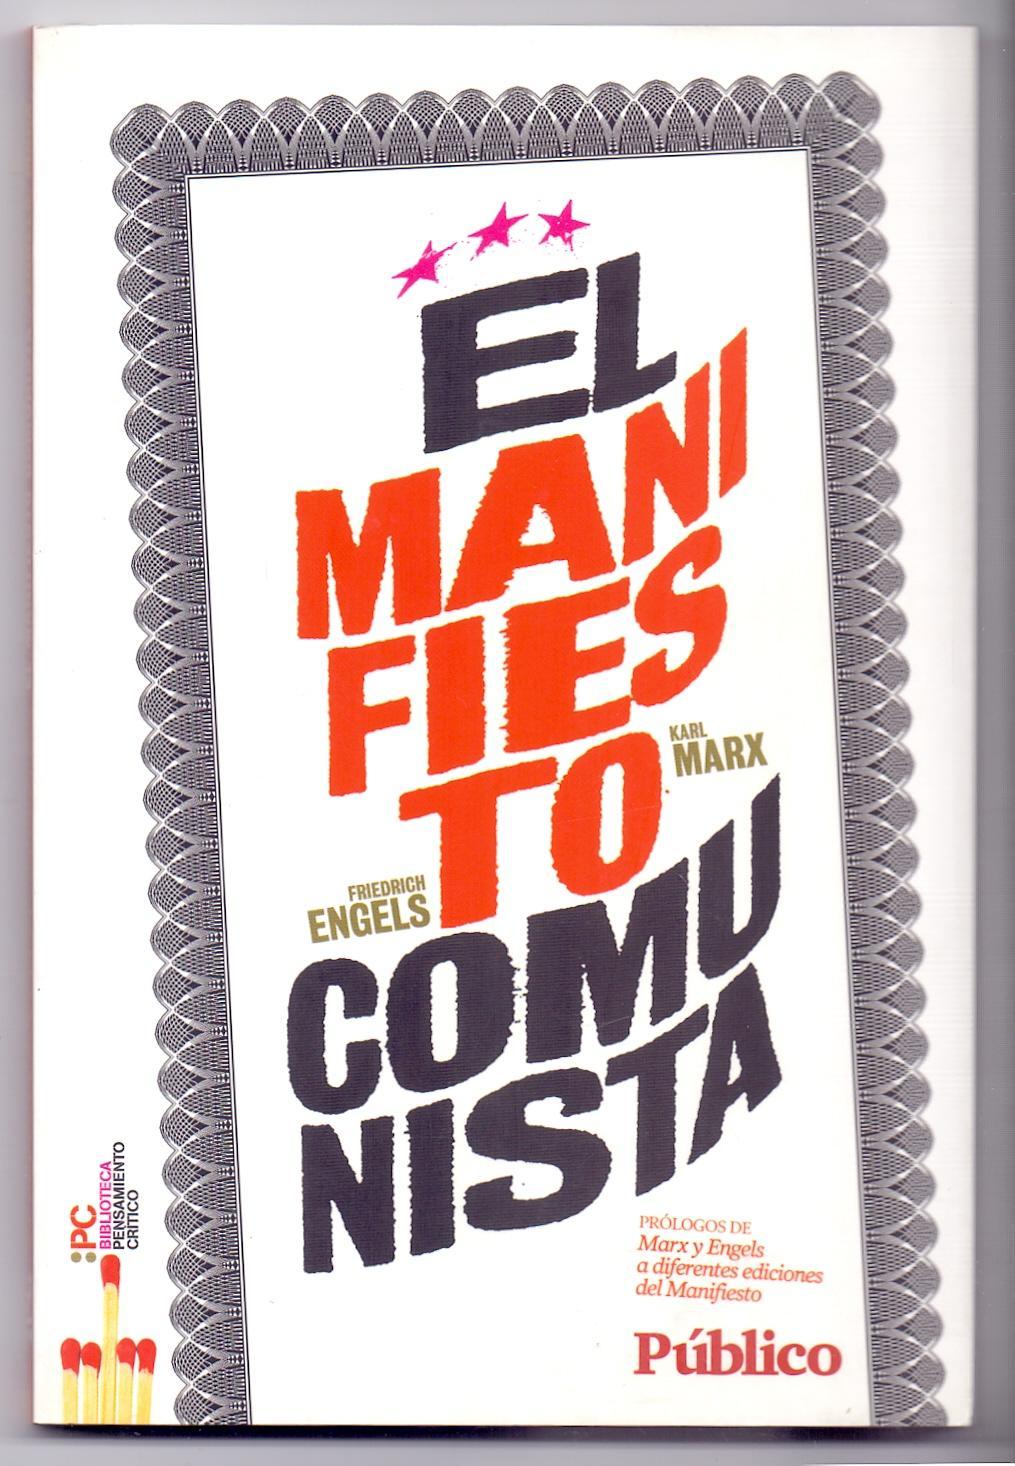 EL MANIFIESTO COMUNISTA (Pc biblioteca pensamiento critico) prologos de Karl Marx, Friedrich Engels...